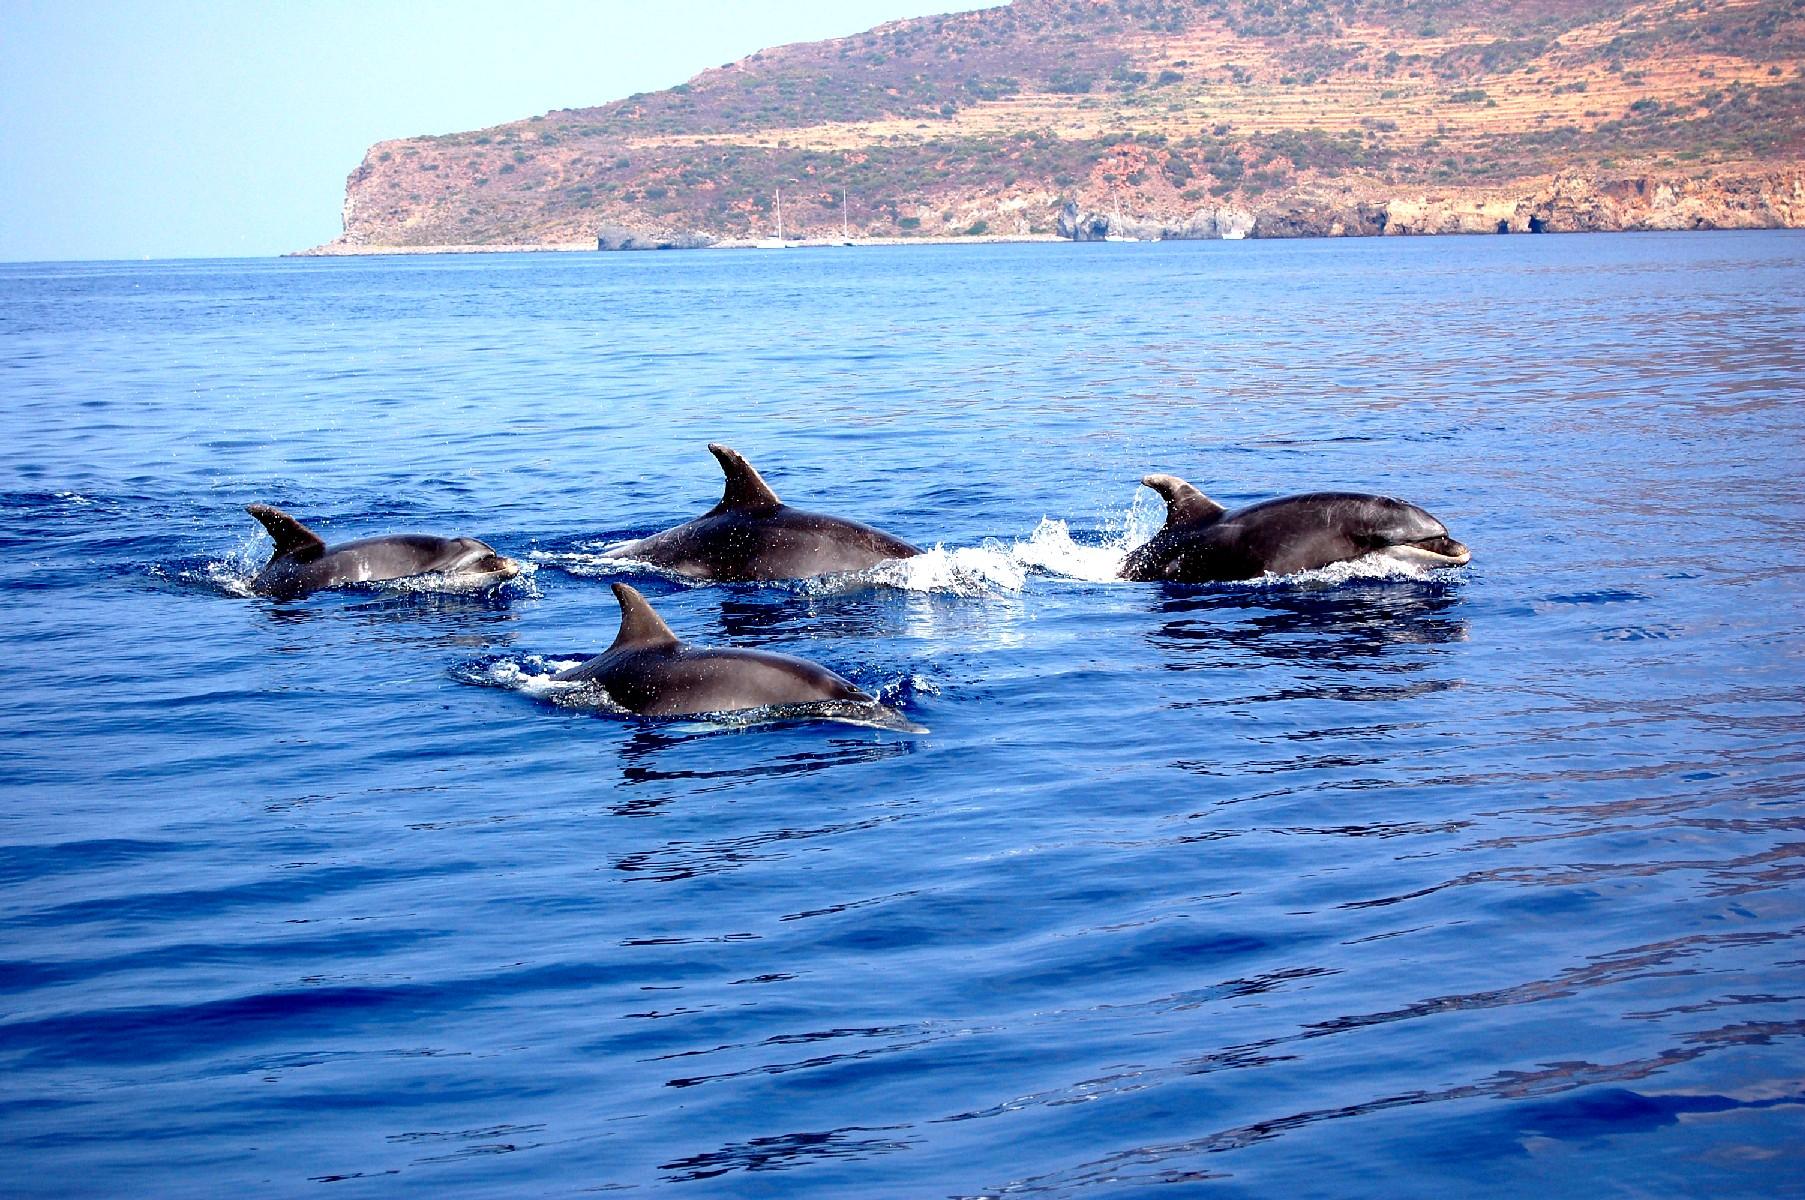 Il mare delle Eolie invaso dai delfini: allarme dei pescatori per le reti